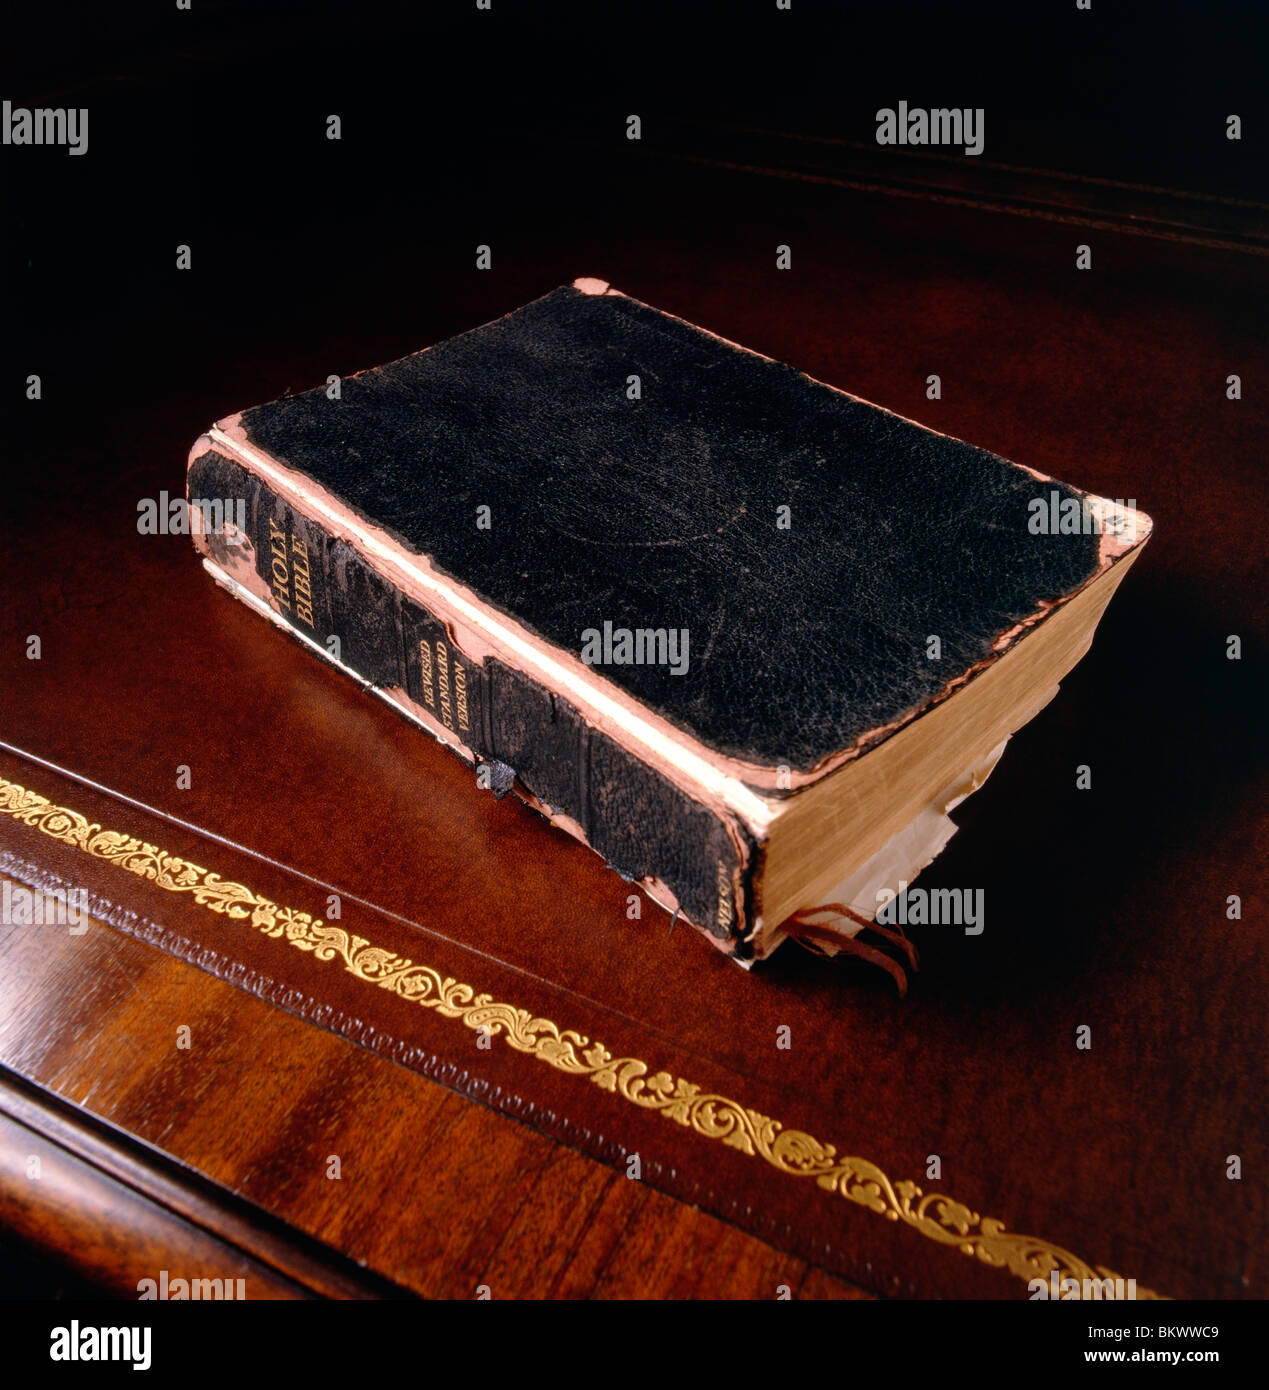 Ancora uno studio della vita di un santo la Bibbia su un antico cuoio desk top Foto Stock